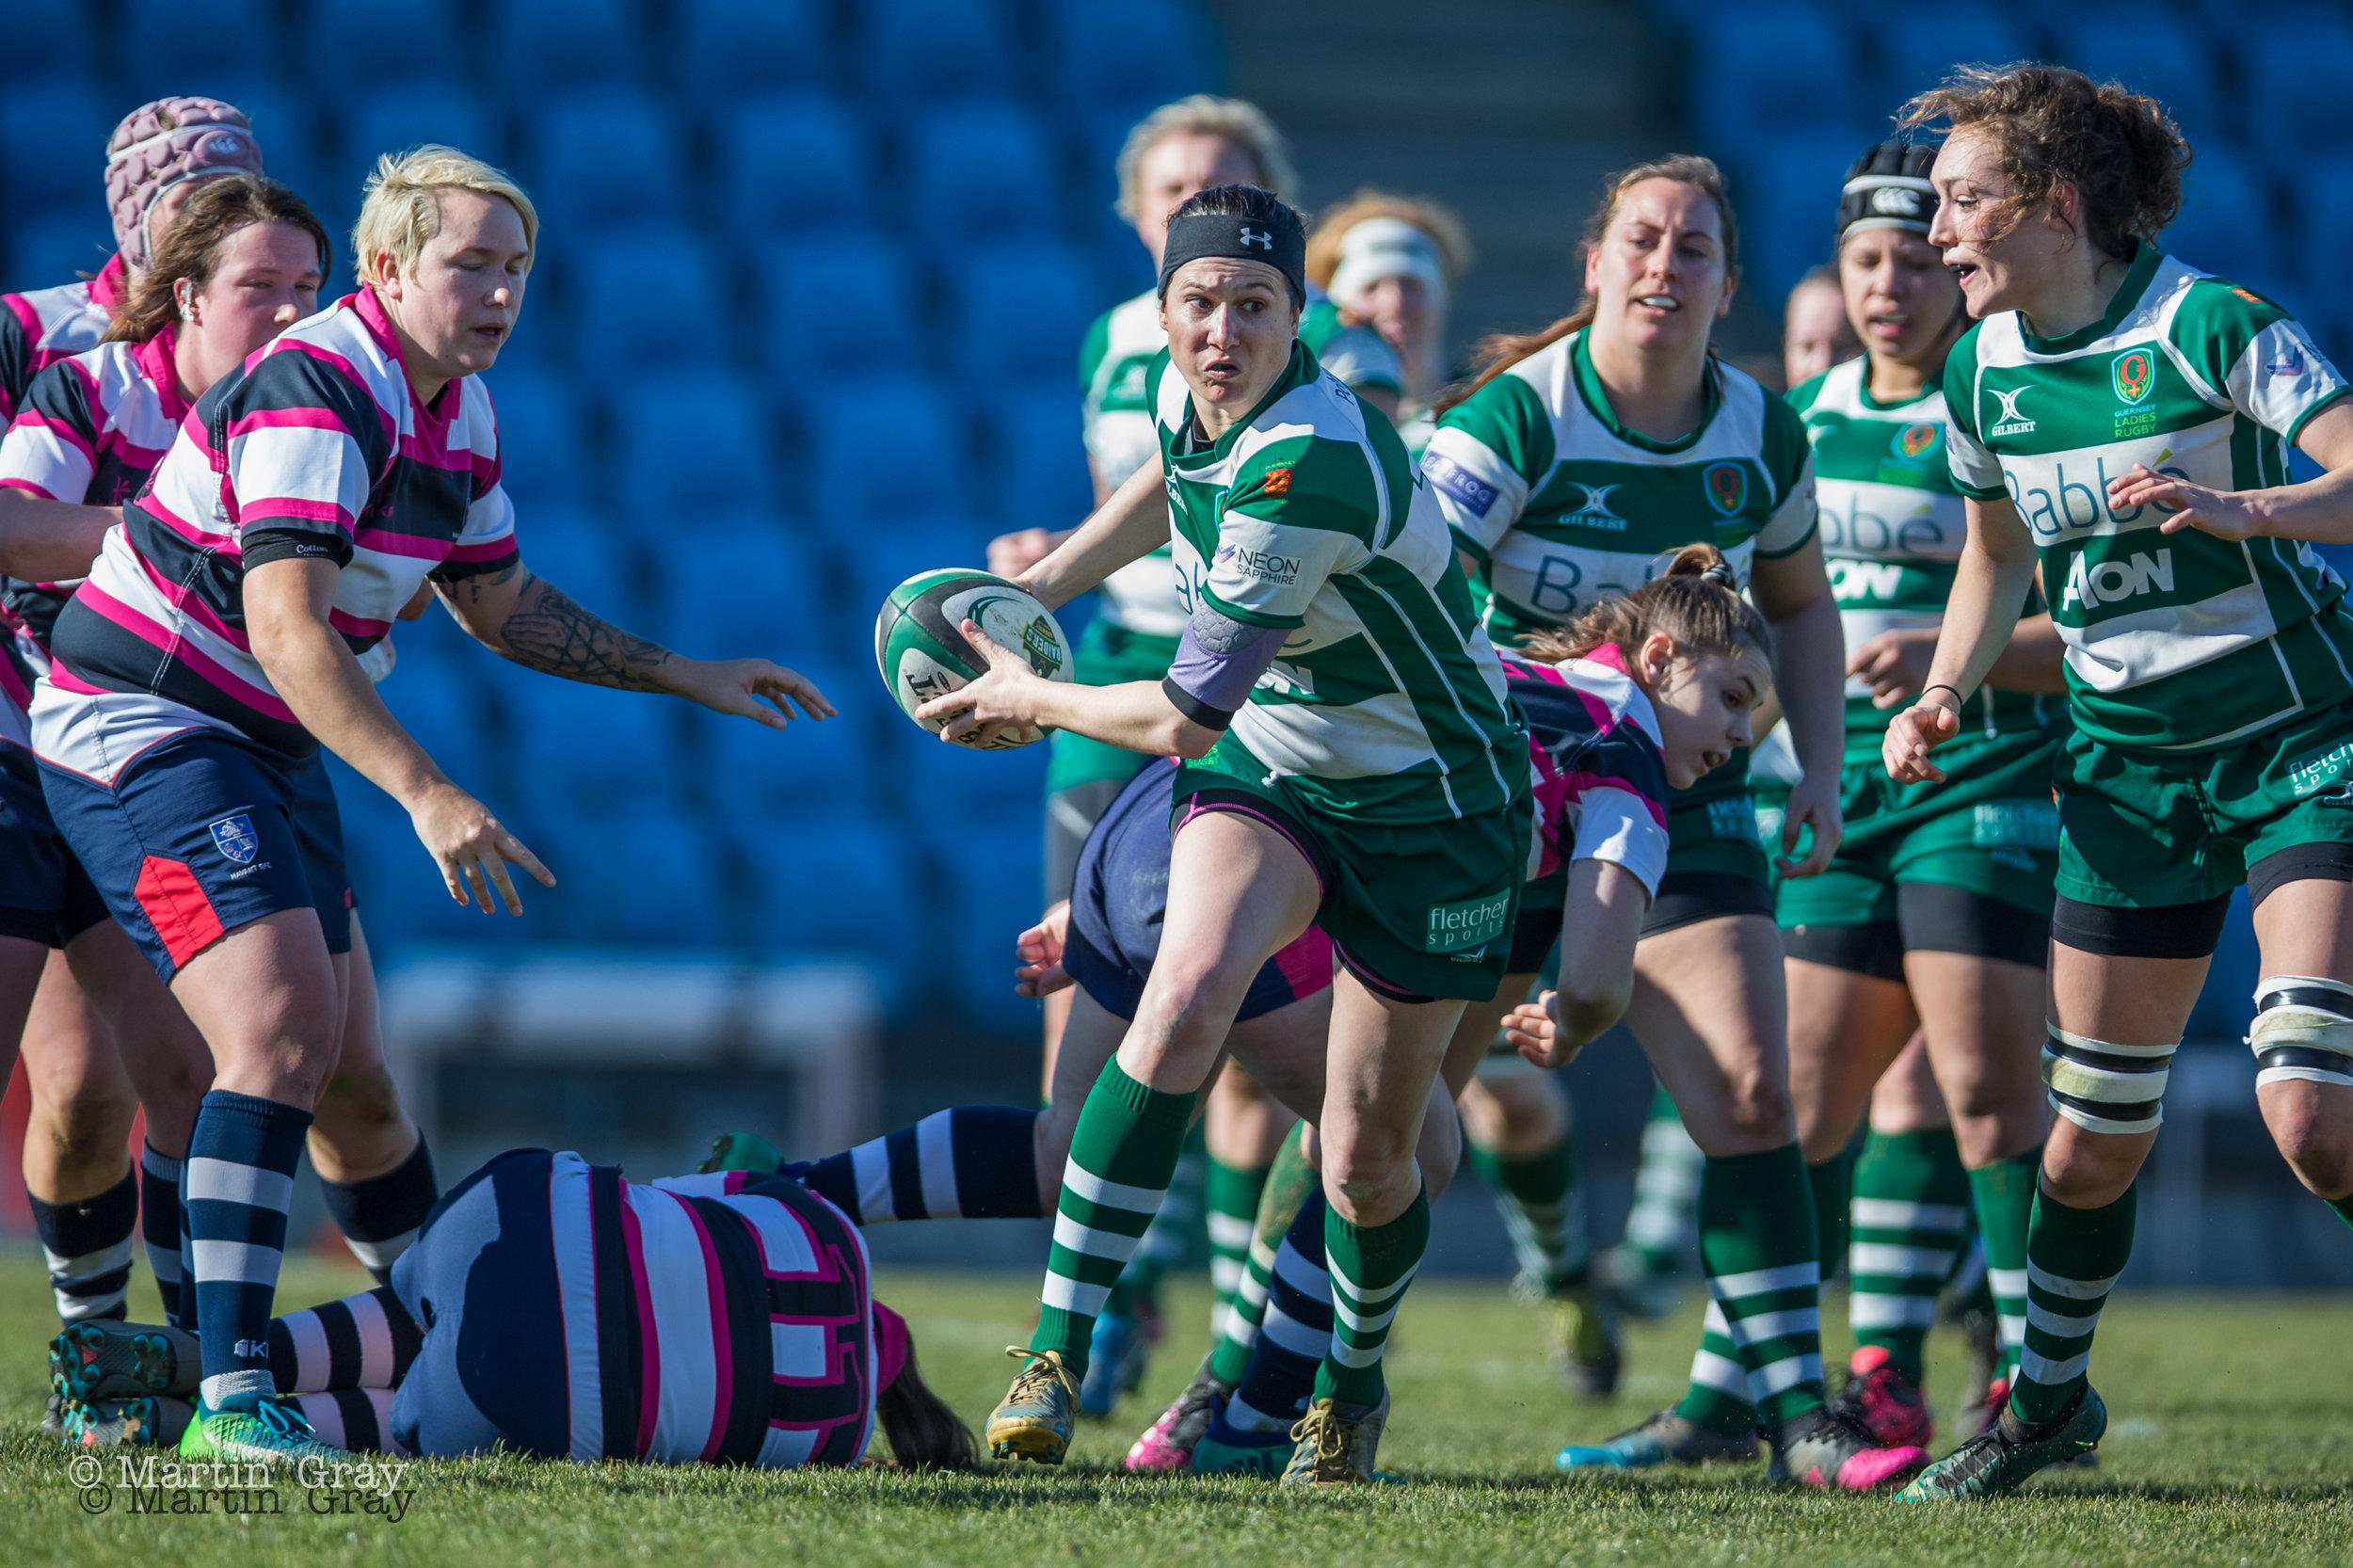 Guernsey Ladies v Havant Ladies played at Footes Lane Feb 24th 2019… GLR winning 54-7. Great effort Ladies!